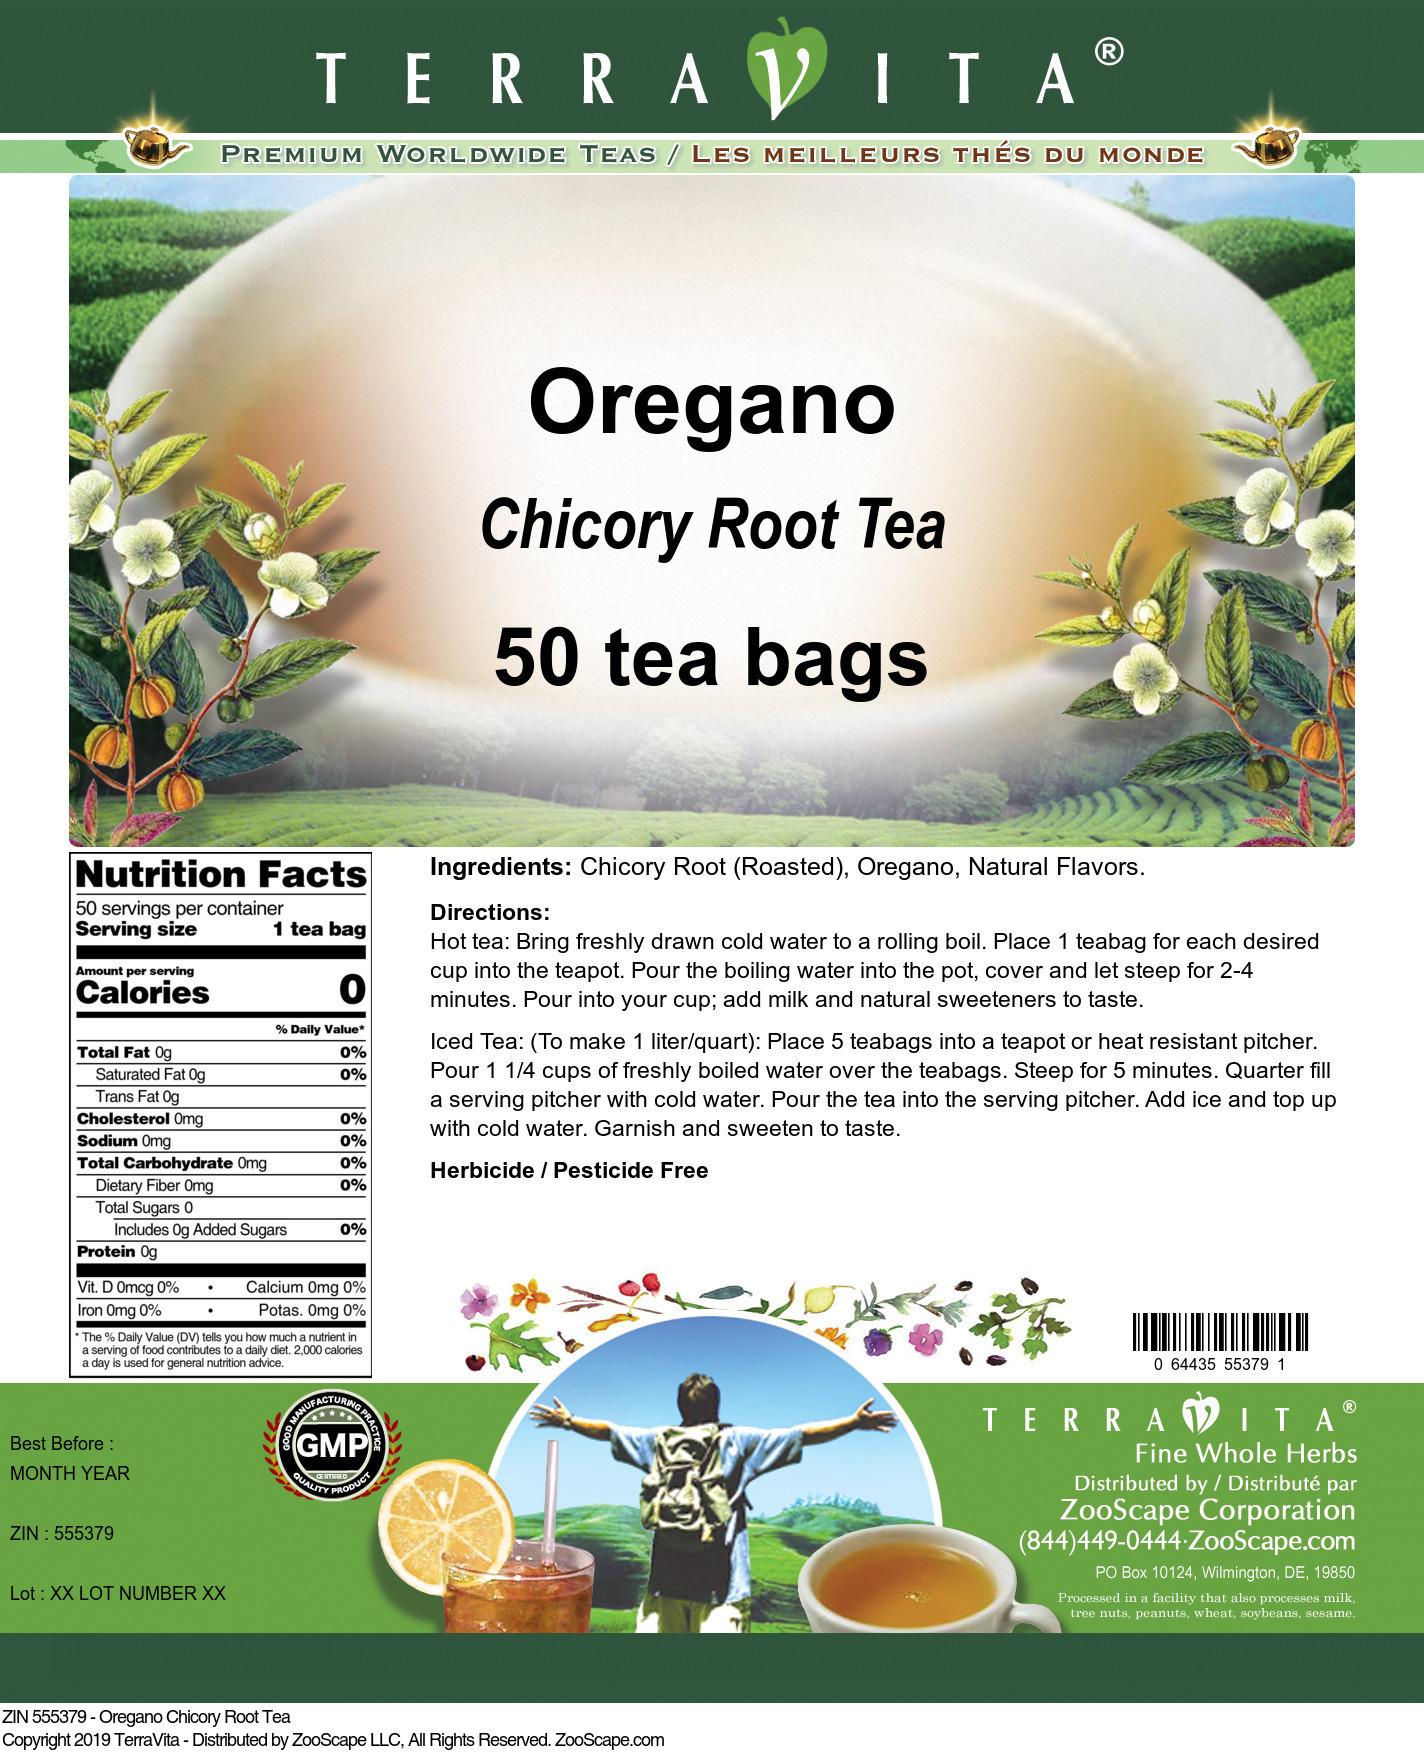 Oregano Chicory Root